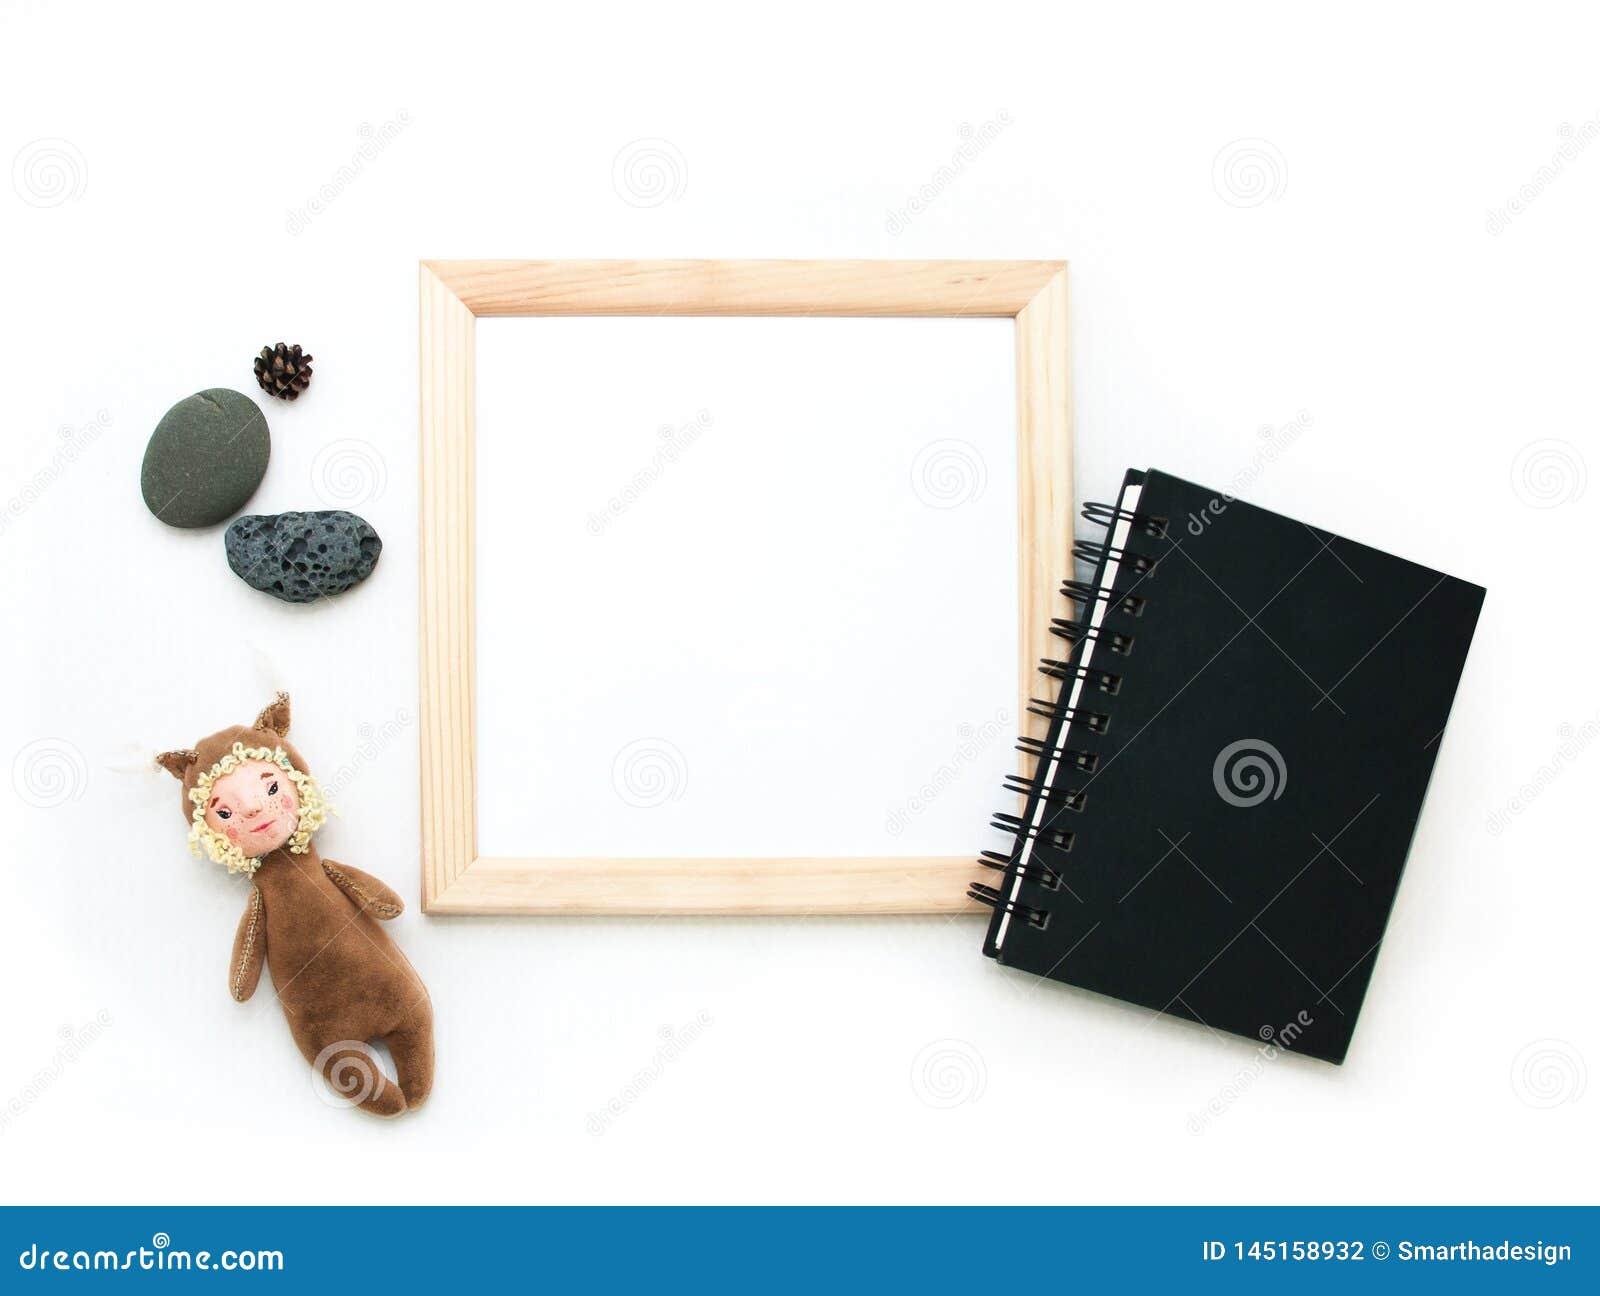 平的被放置的嘲笑,顶视图,木制框架,玩具灰鼠,石头,黑笔记本 r